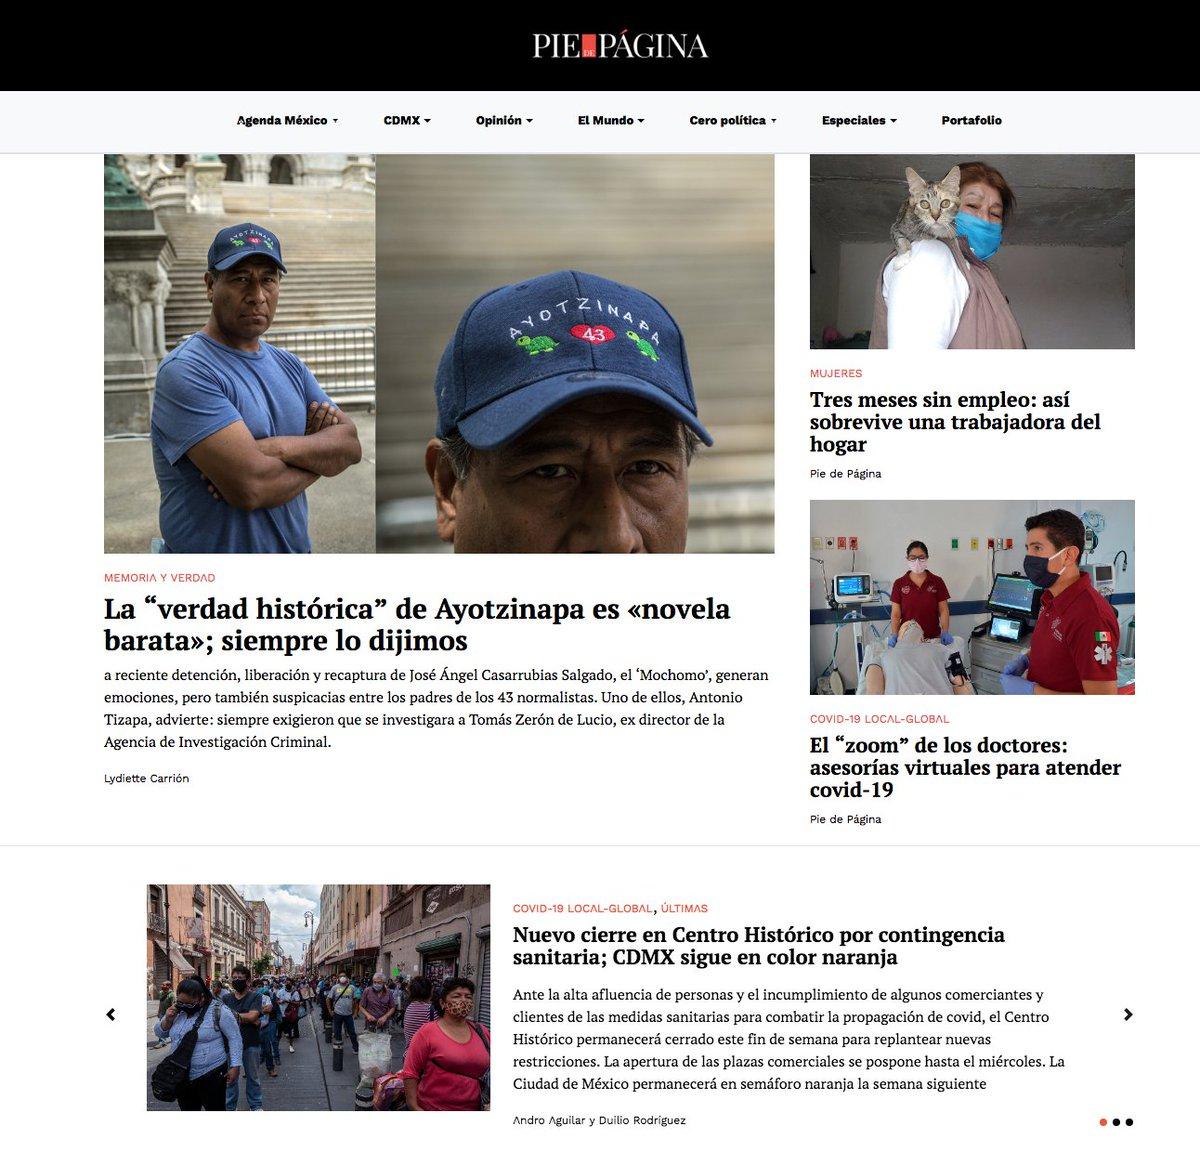 """·La""""verdad histórica"""" de #Ayotzinapa es «novela barata»; lo dijimos https://t.co/nrXXlJaOlw ·Tres meses sin empleo: así sobrevive una trabajadora del hogar https://t.co/oKm5sPDwlC ·El """"zoom"""" de los doctores #covid19 https://t.co/LxOS6phhog  ❇️#LaPortada https://t.co/zGnsss8gvv ⬇️ https://t.co/e4JViO2MUn"""